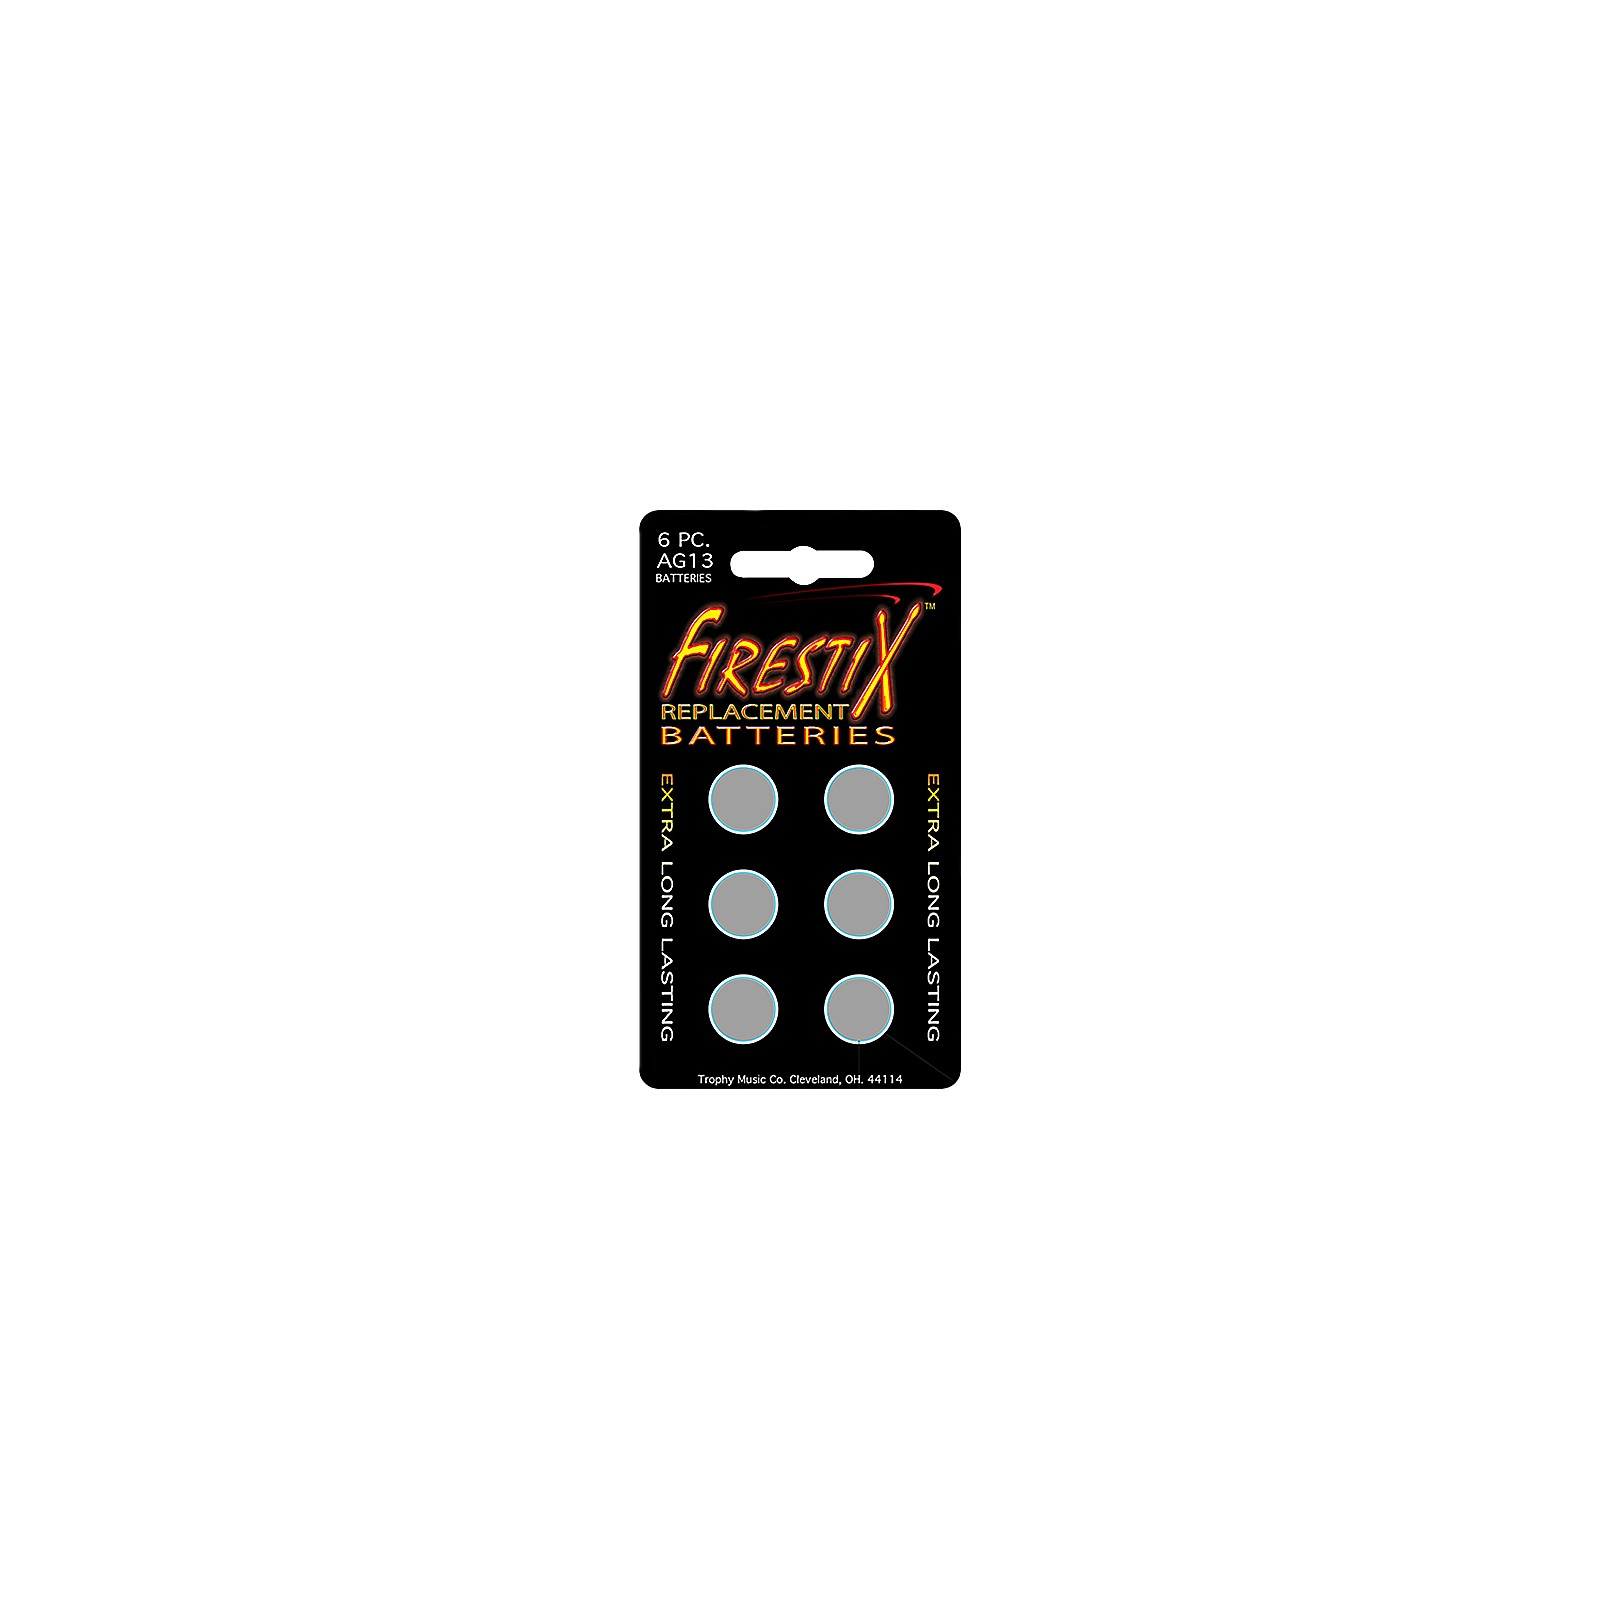 Firestix Light-Up Drum Stick Replacement Batteries